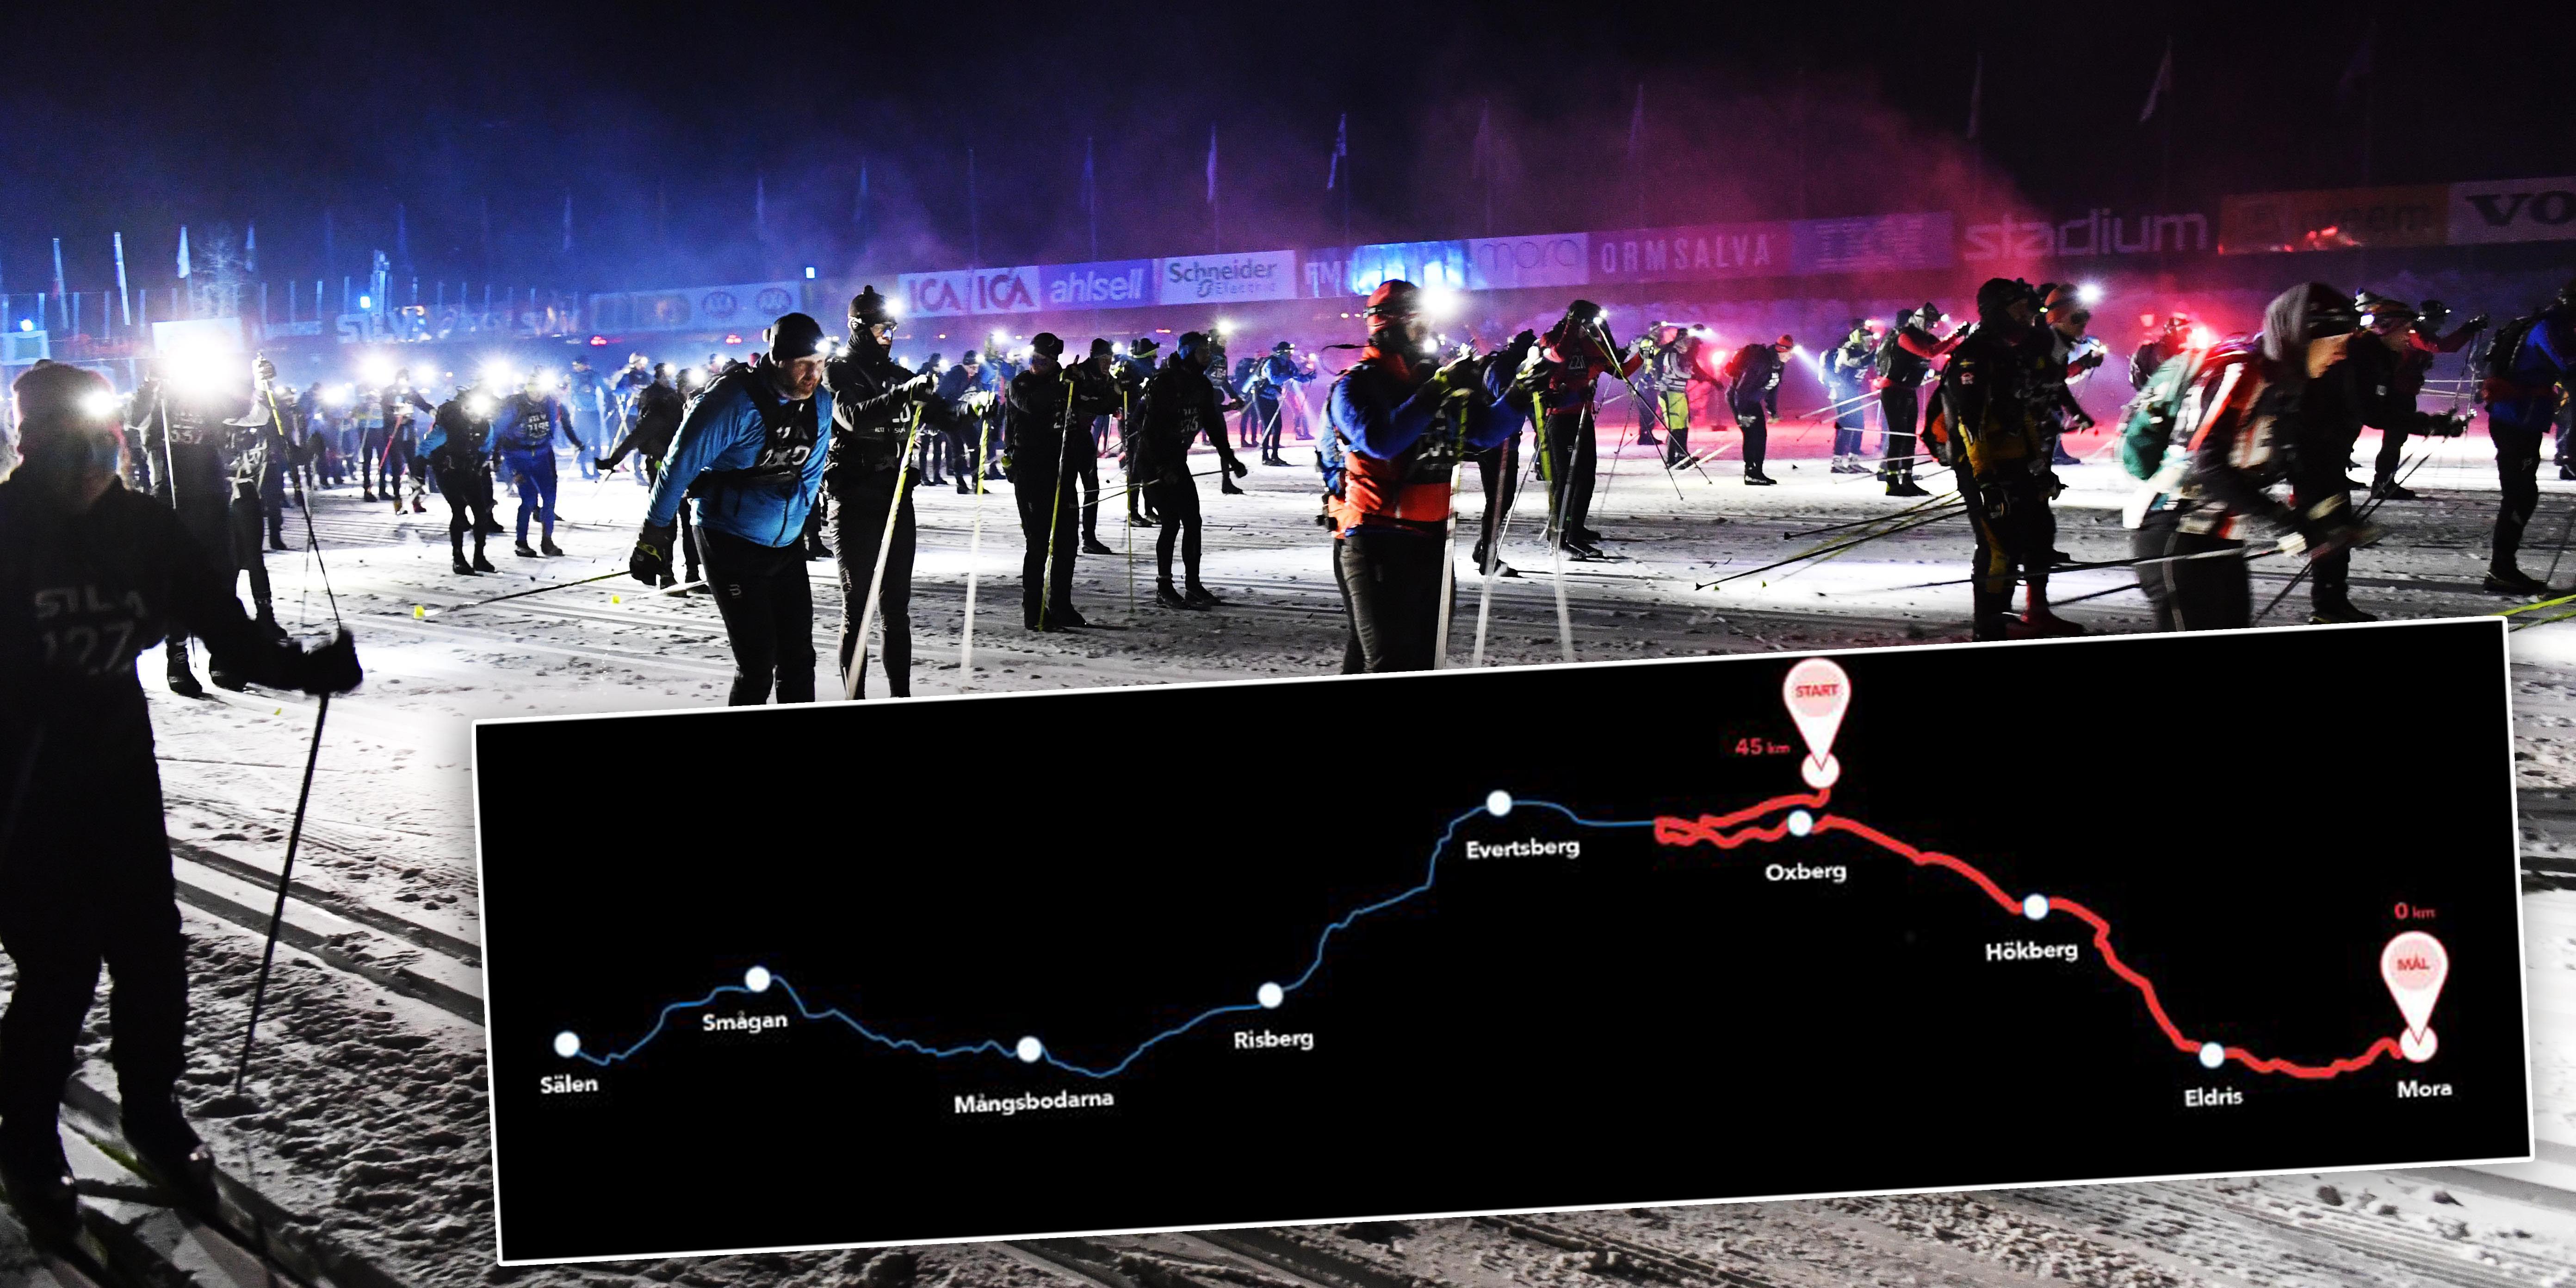 """Vasaloppet lanserar nytt lopp: """"Är många som efterfrågat möjligheten"""""""